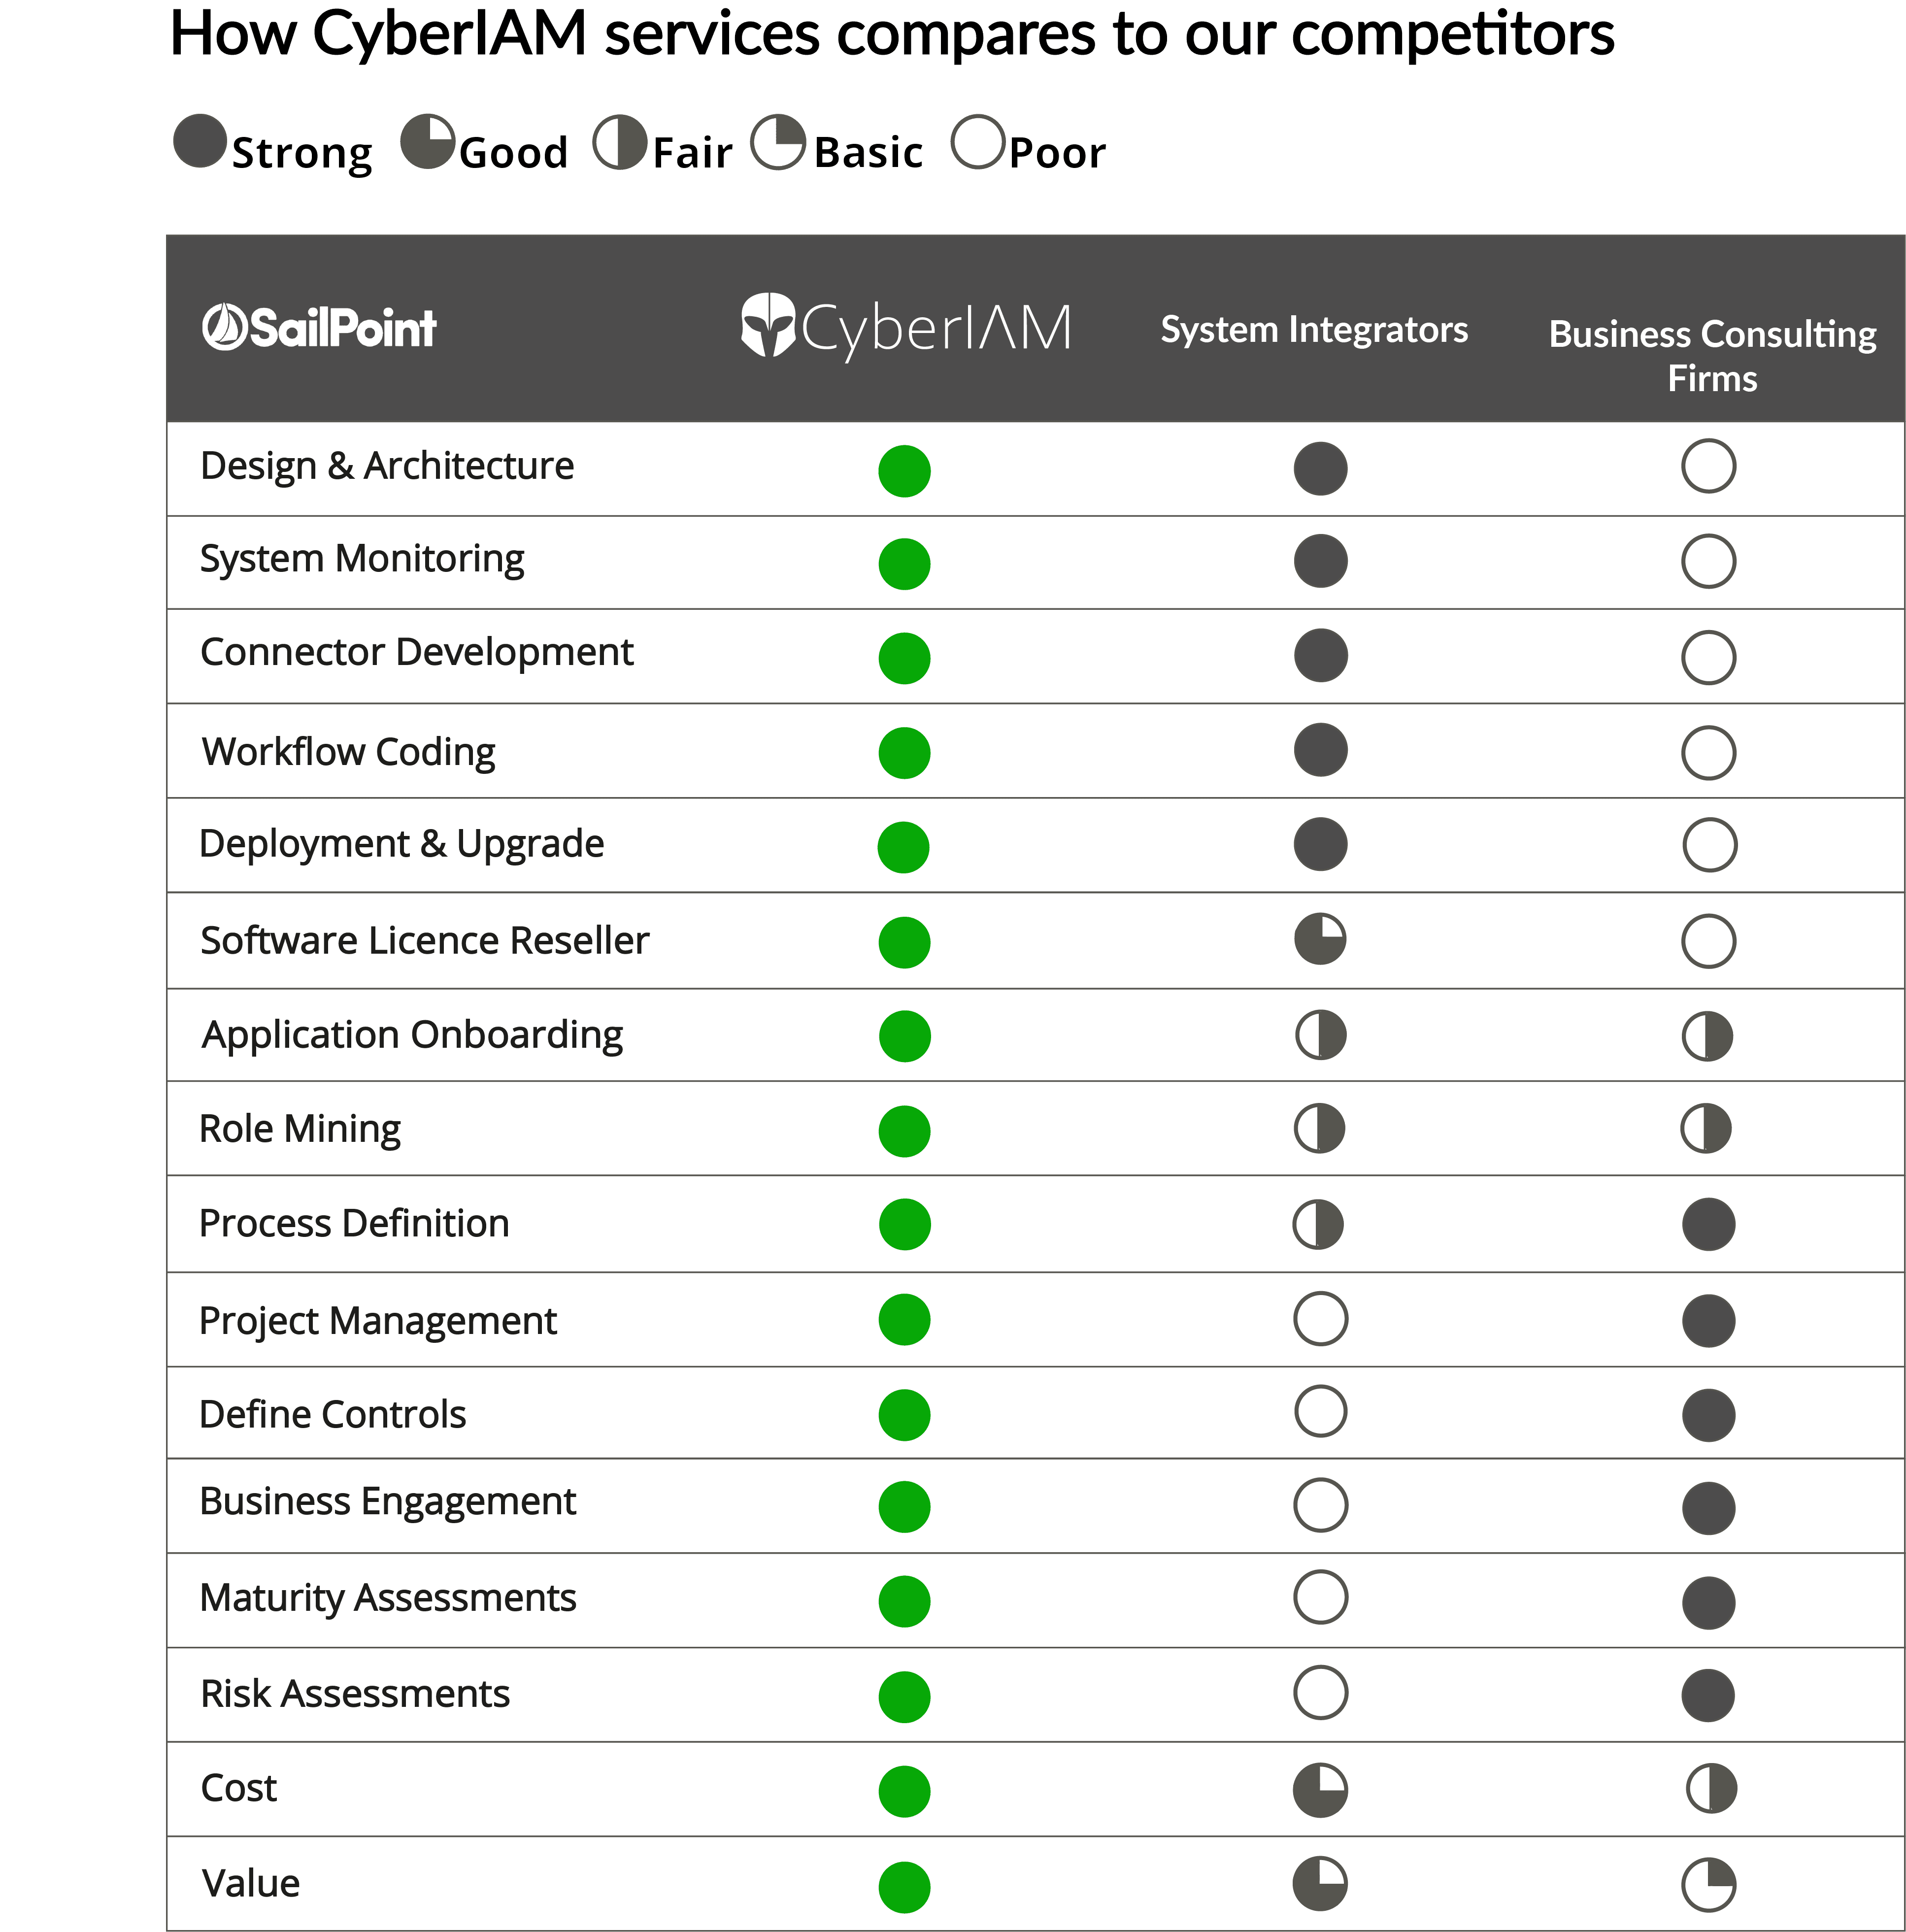 comparison_sailpoint